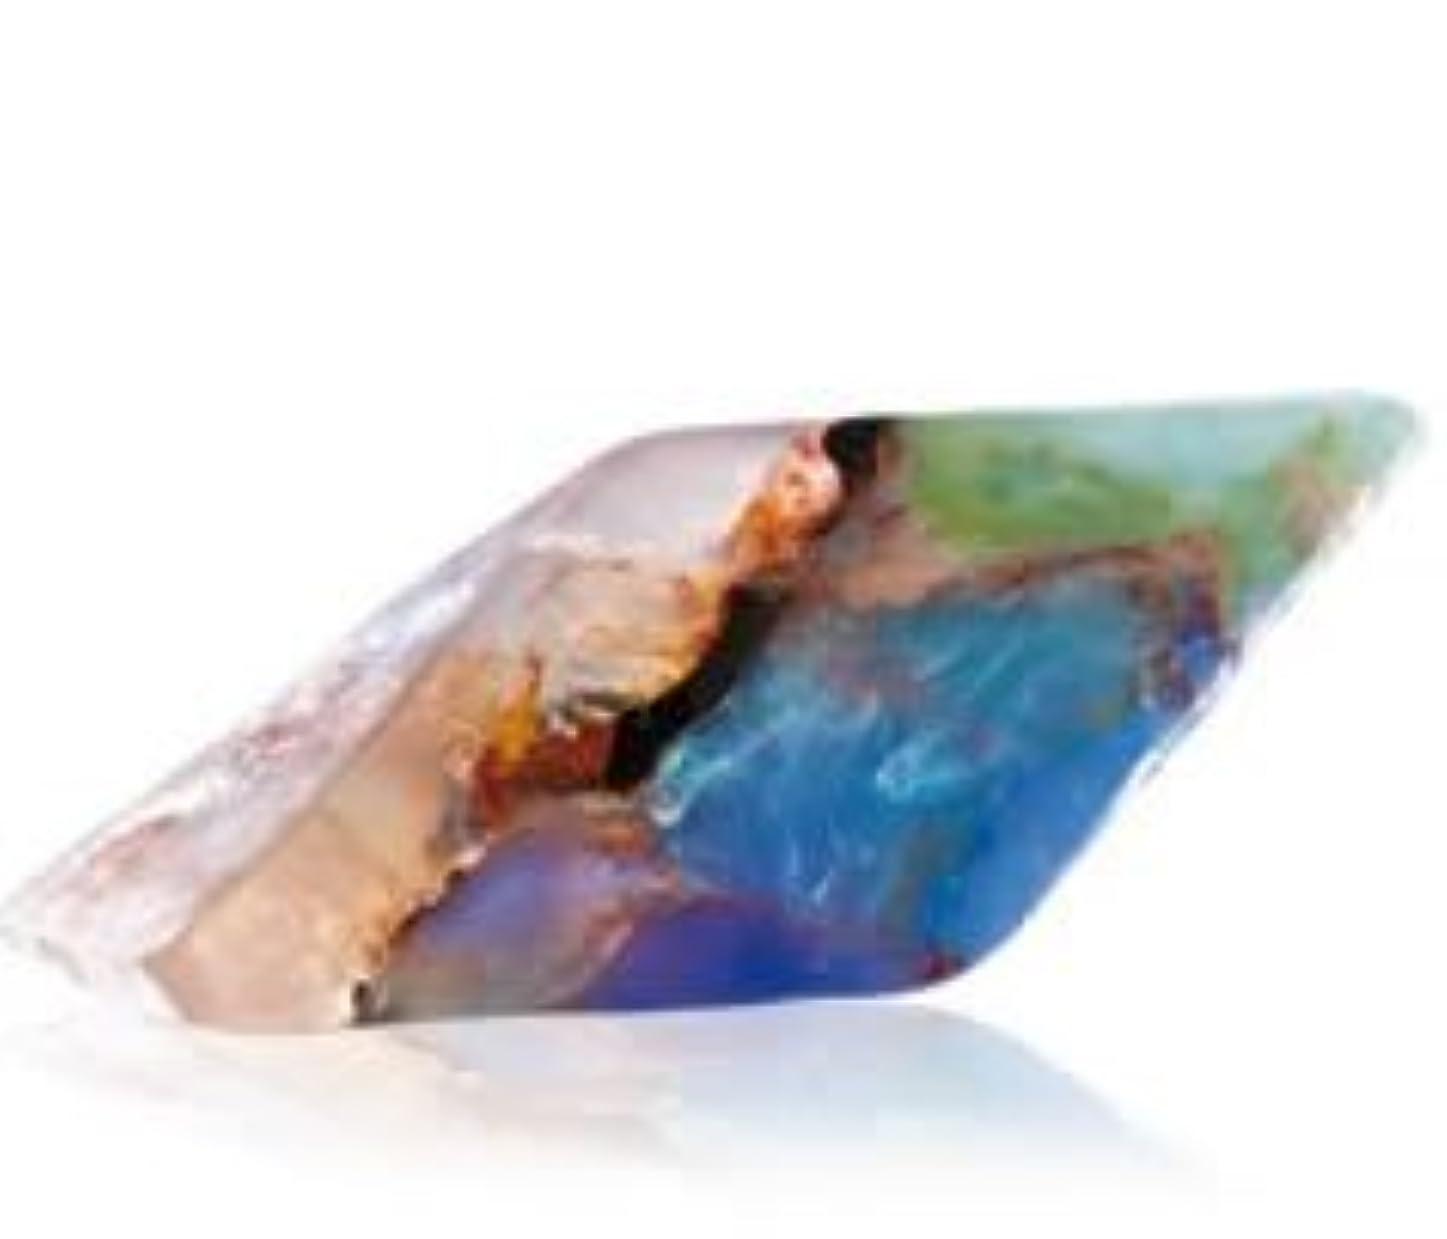 うぬぼれたジャンクションメーターSavons Gemme サボンジェム 世界で一番美しい宝石石鹸 フレグランスソープ ブラックオパール 170g